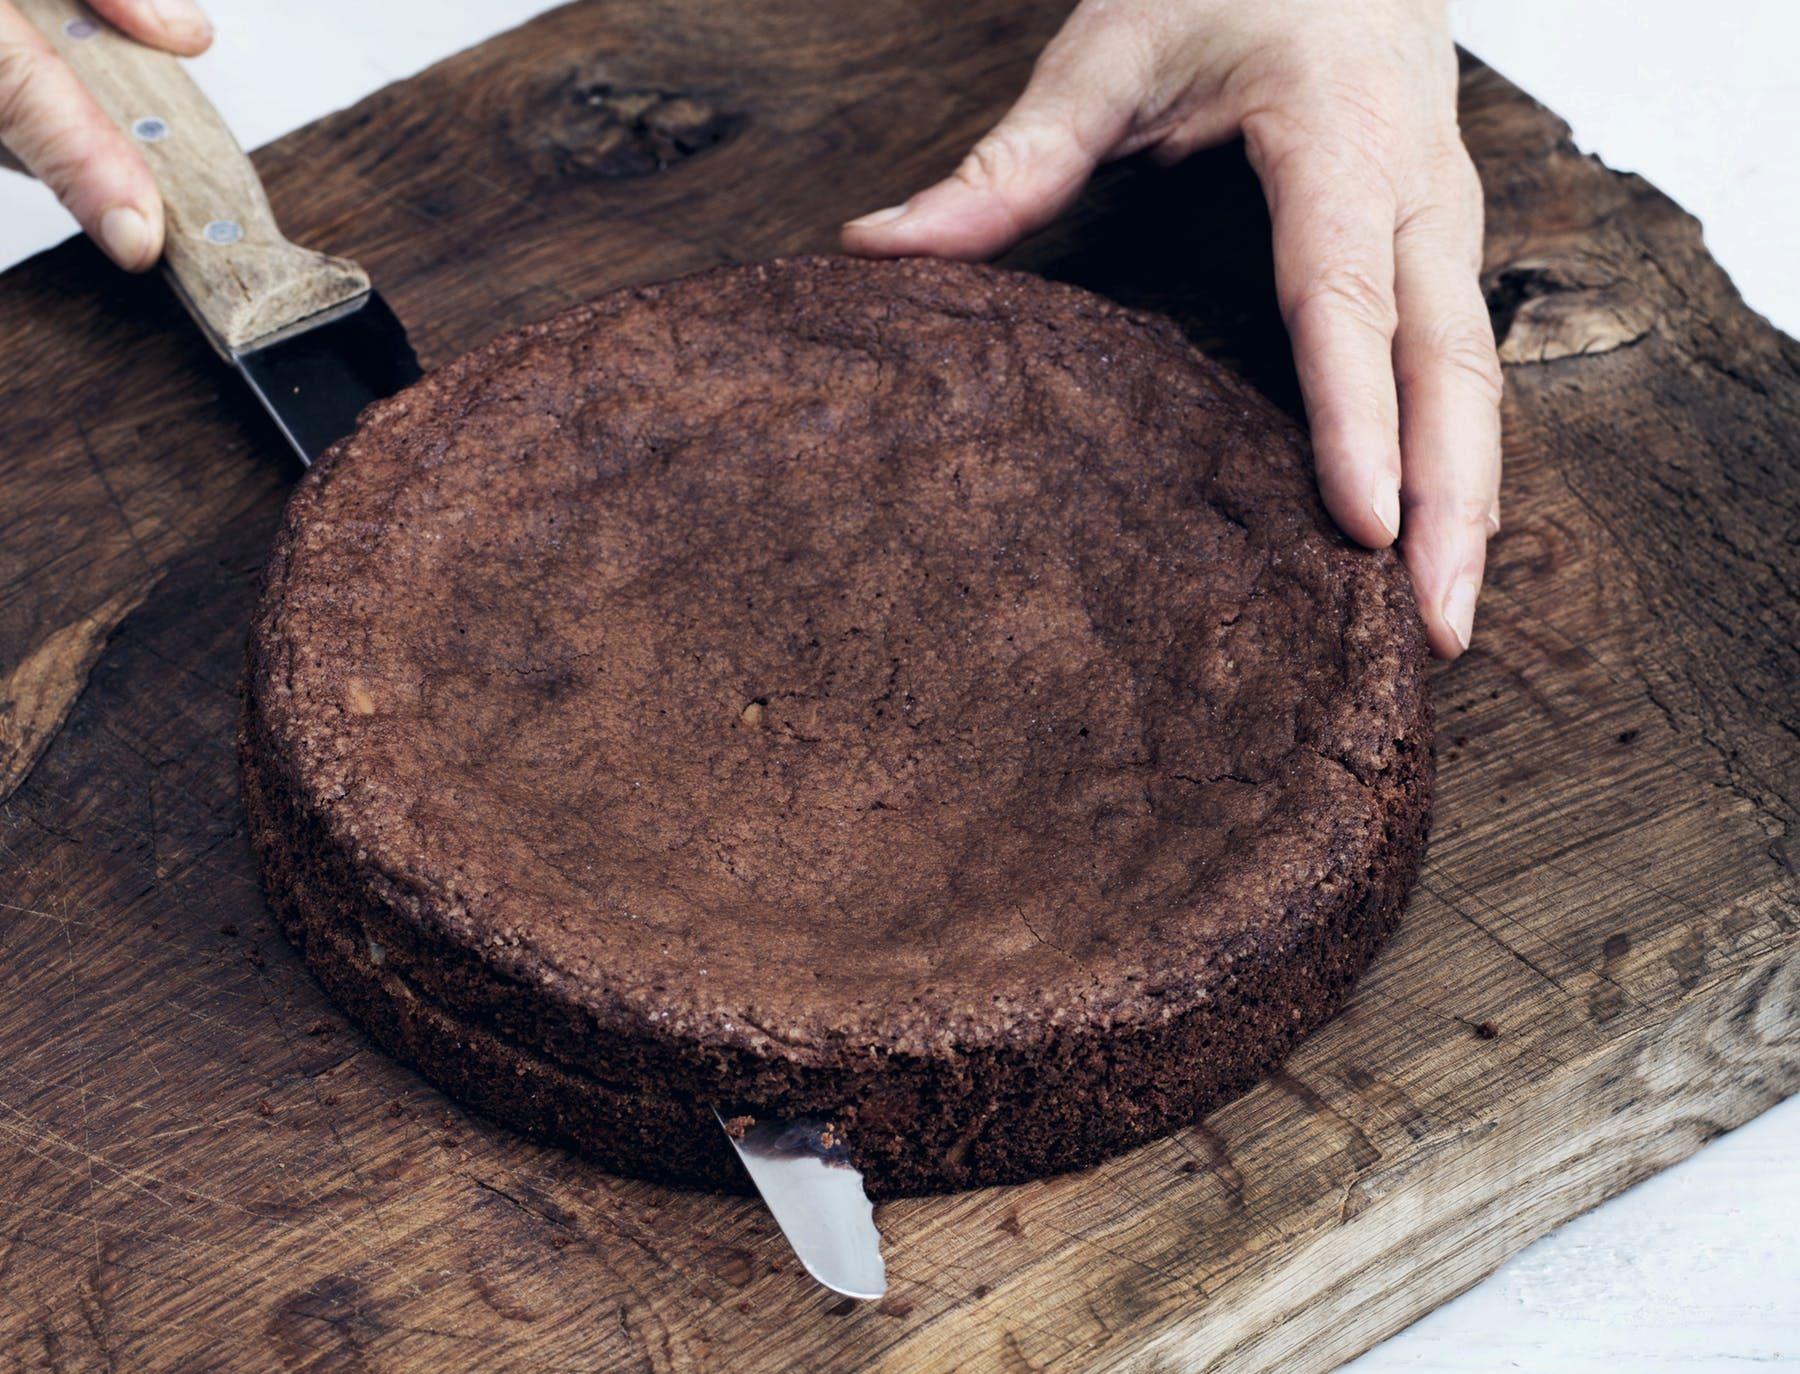 Lagkagebunde Med Kakao Opskrift Lagkage Mad Ideer Kage